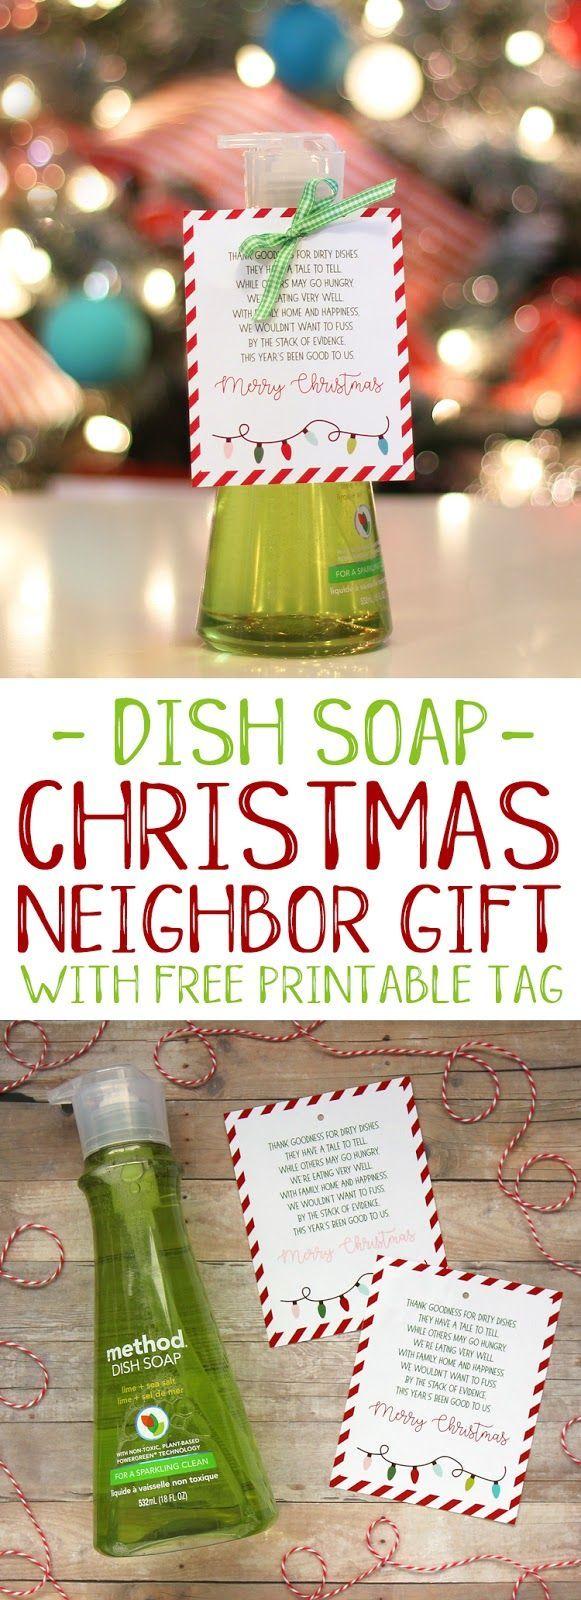 Easy and punny Christmas neighbor gift idea with free printable tag #christmas #...